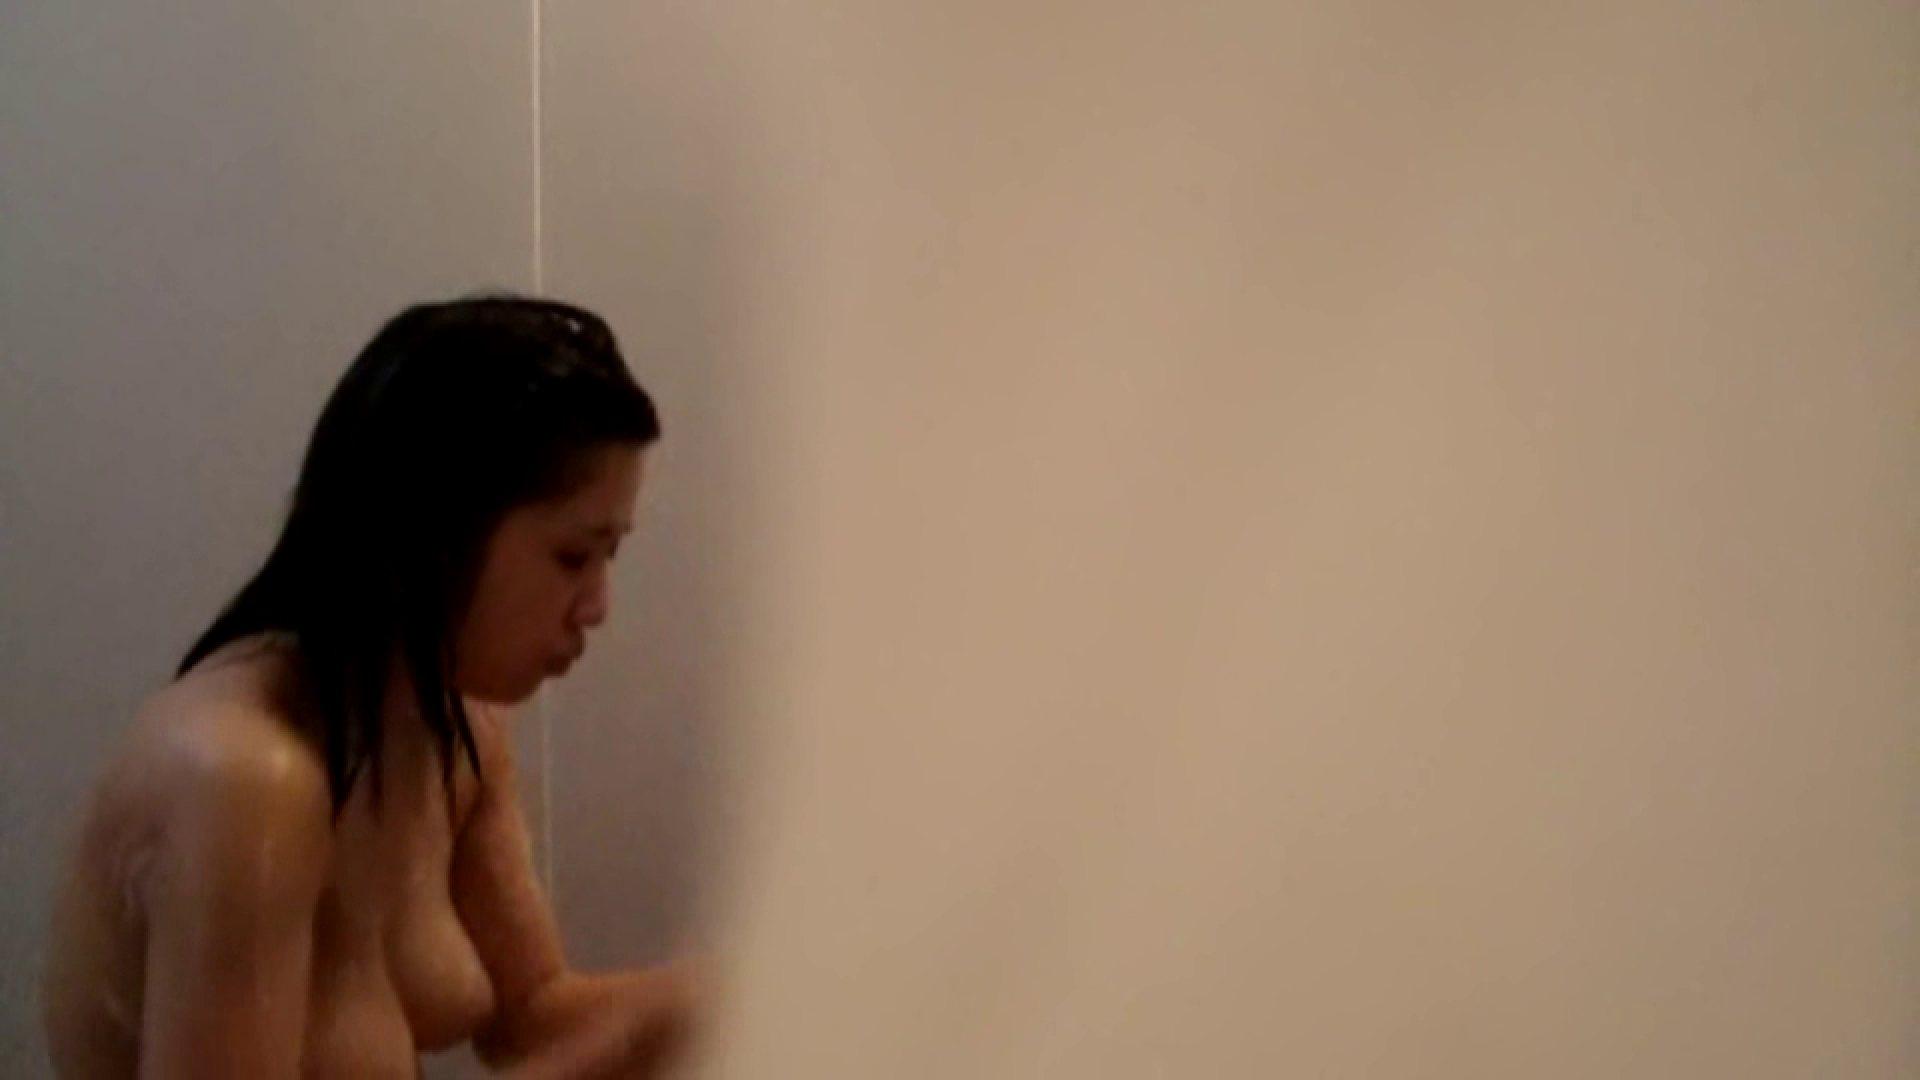 vol.2 葵のグラドル顔負けの爆乳を入浴シーンでどうぞ。 巨乳 | OLのボディ  64PIX 57